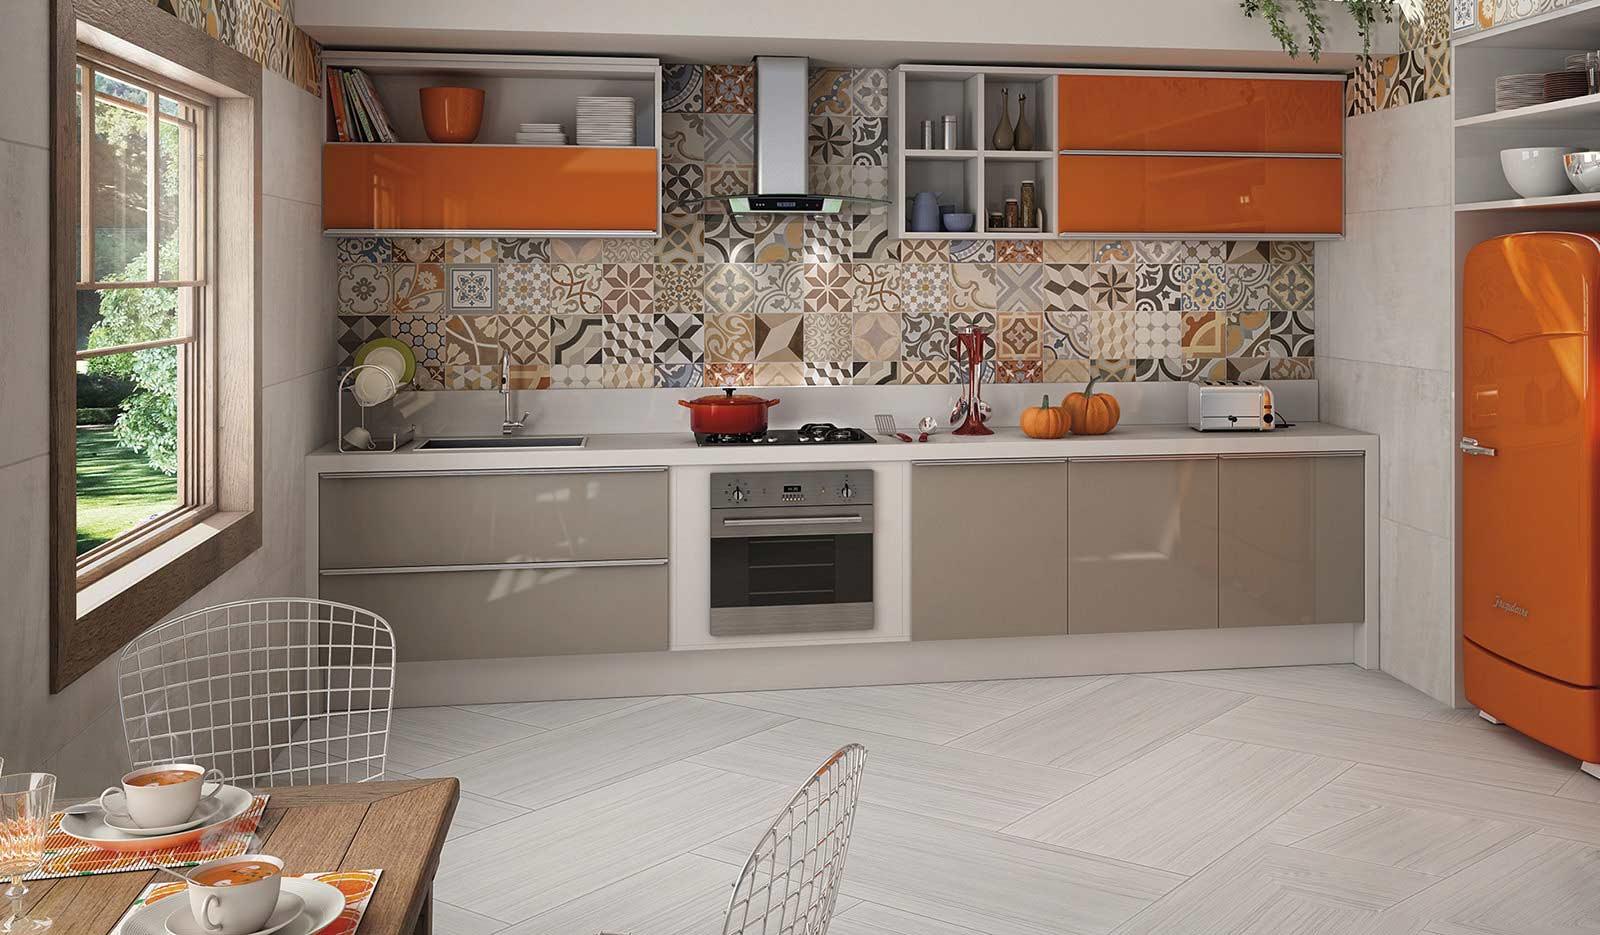 Кухня в стиле пэчворк: 50 классных фото интерьеров и советы по оформлению